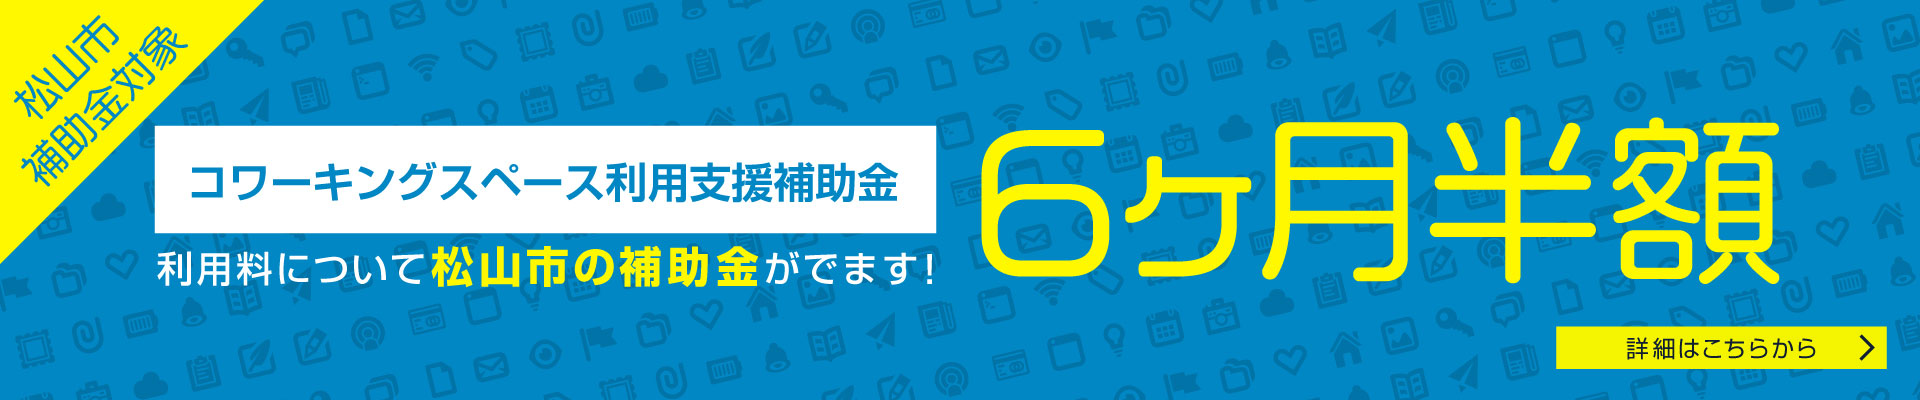 利用料について松山市の補助金がでます!利用料の半額が6ヶ月!